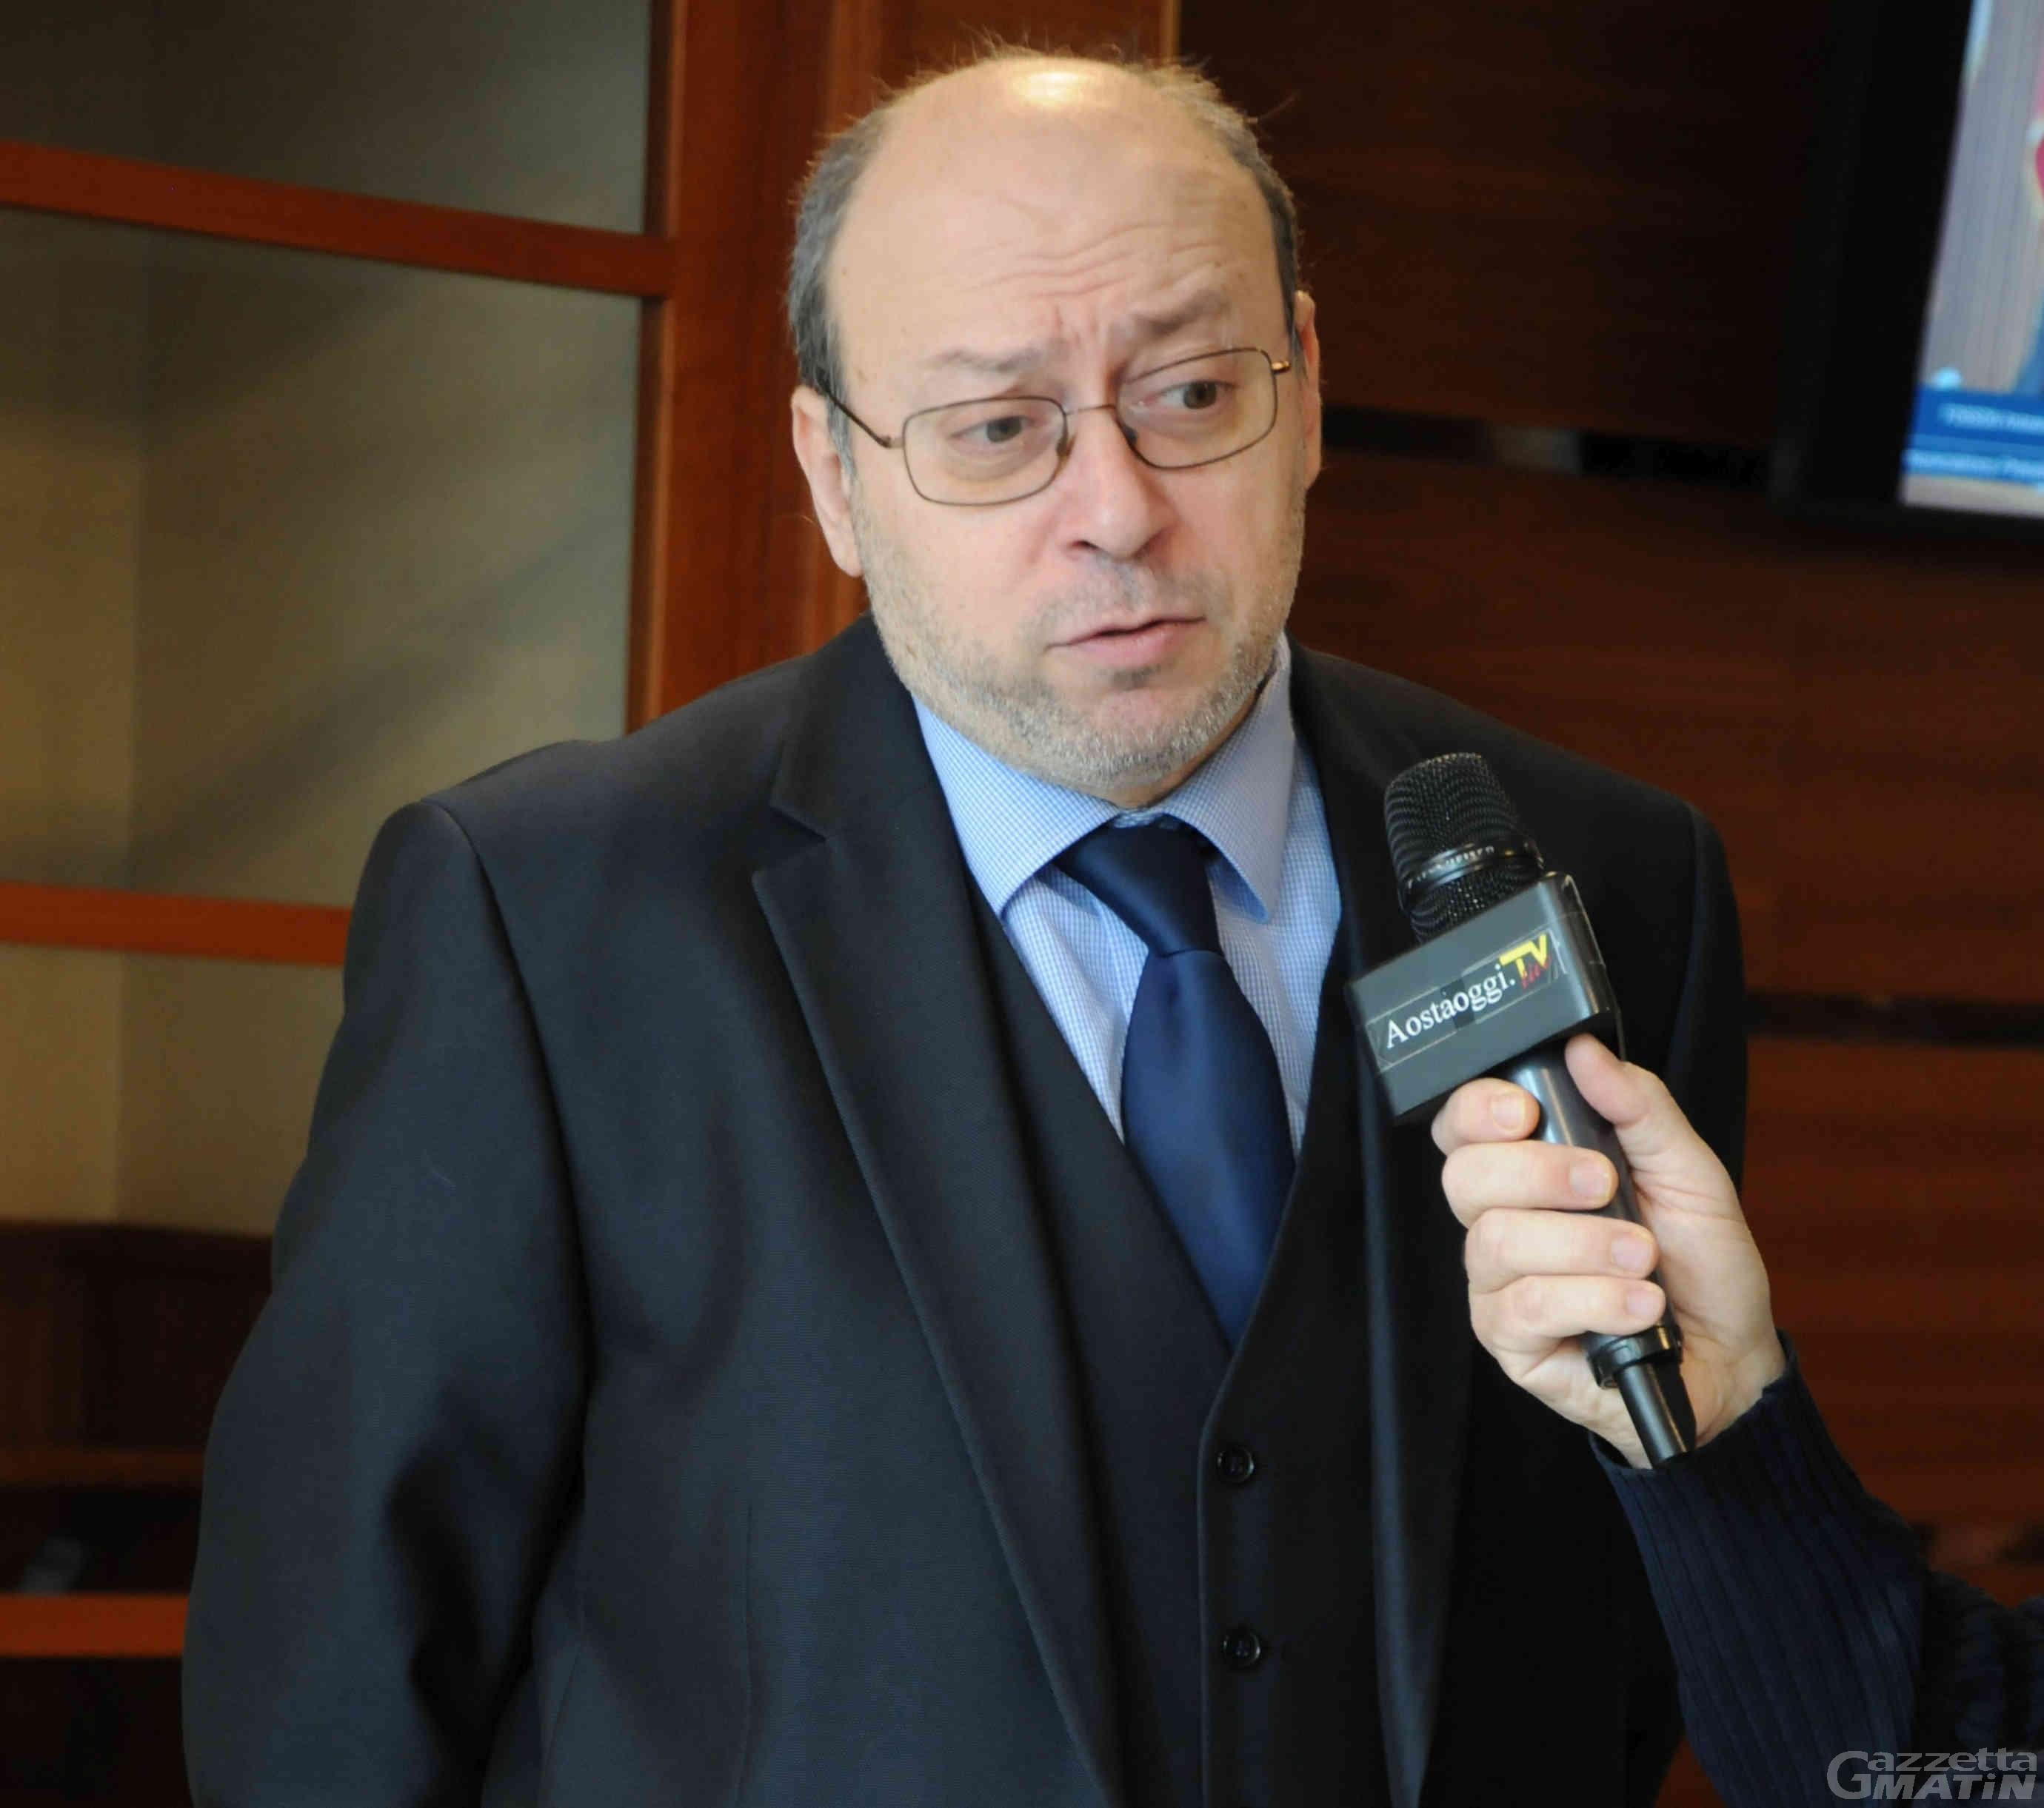 Regionali di maggio: Roberto Cognetta si schiera con Mouv'